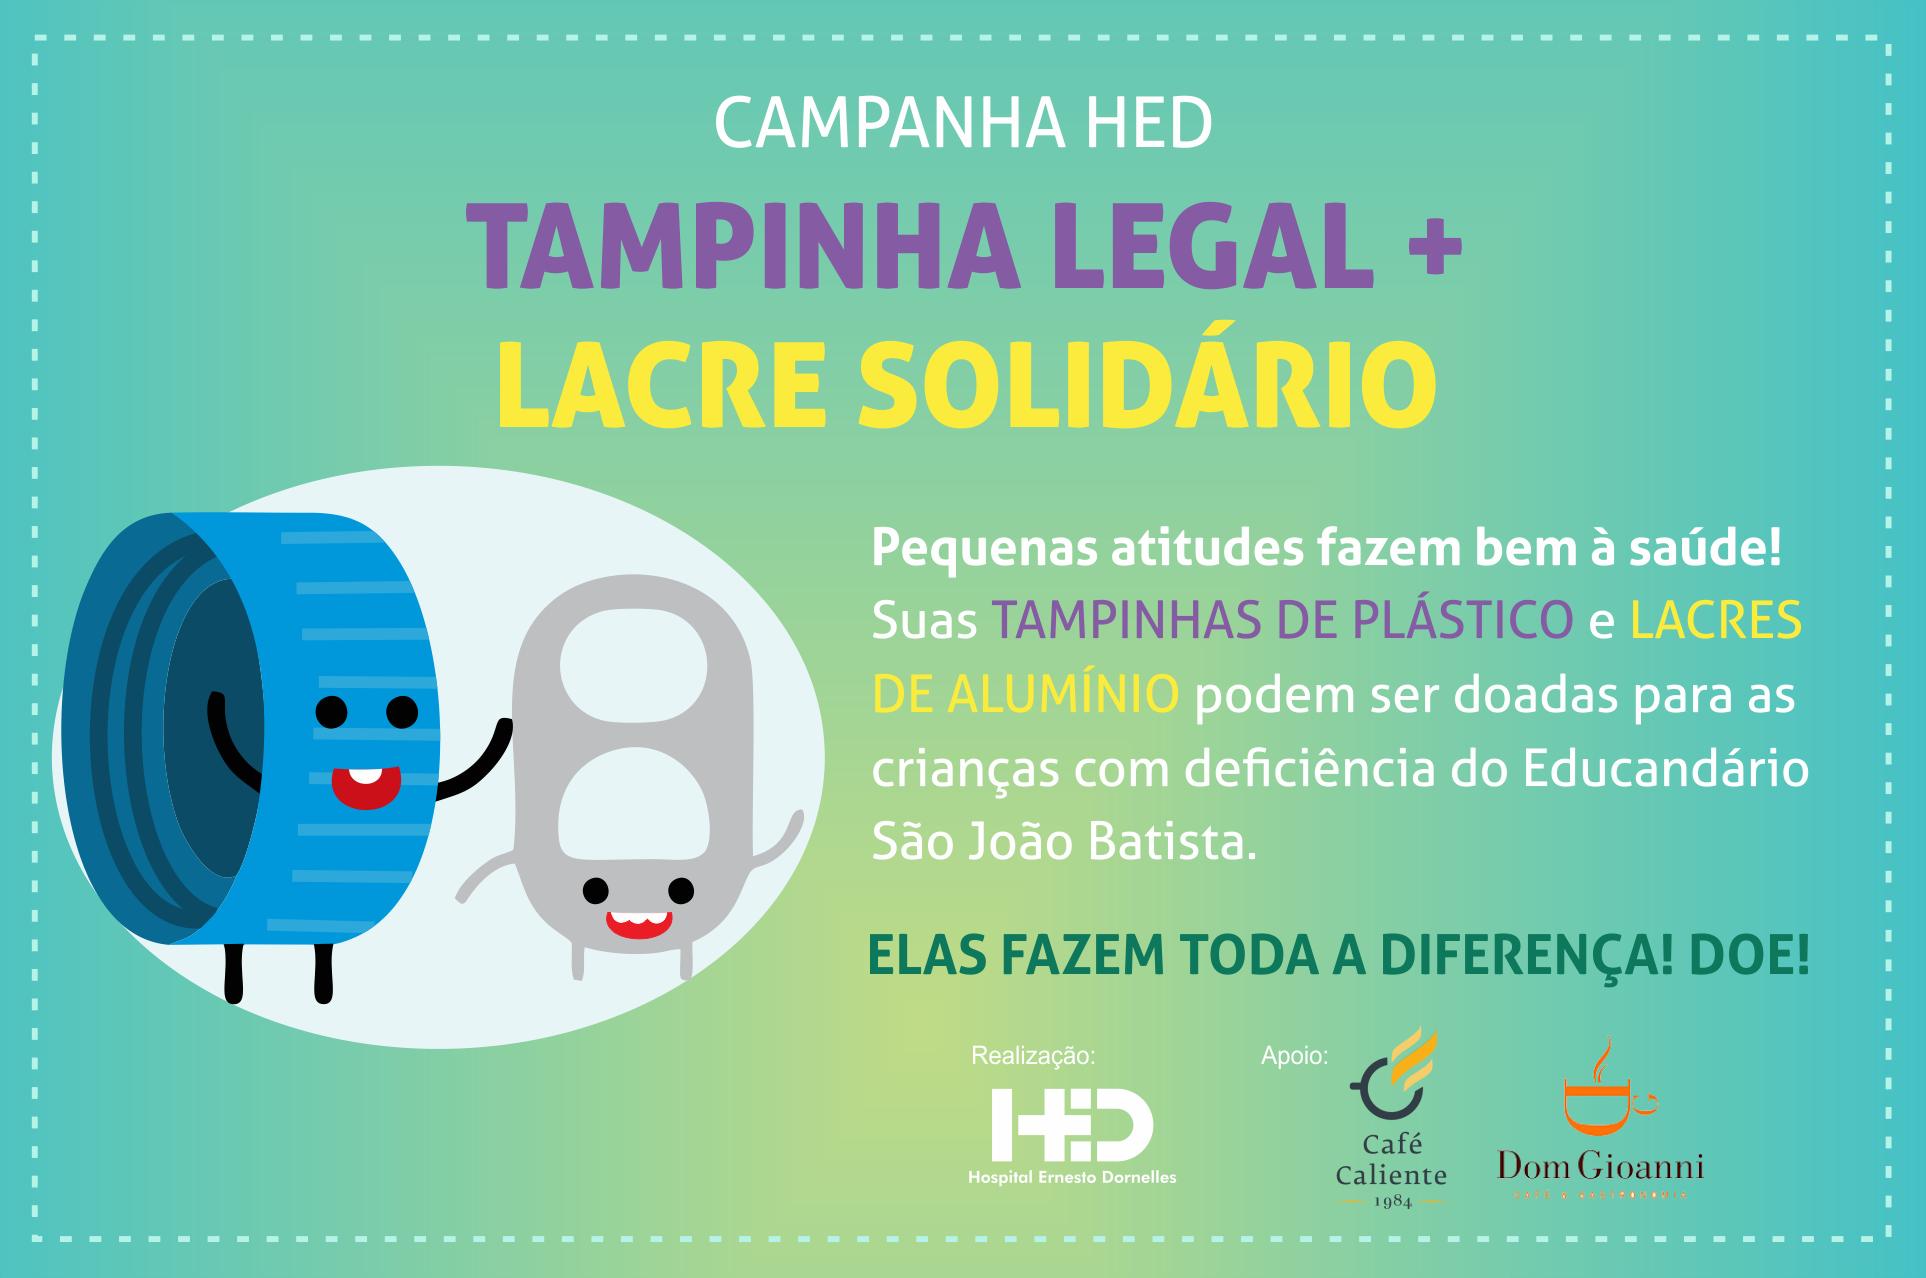 017ca4d196 Campanha HED - Tampinha Legal + Lacre Solidário!